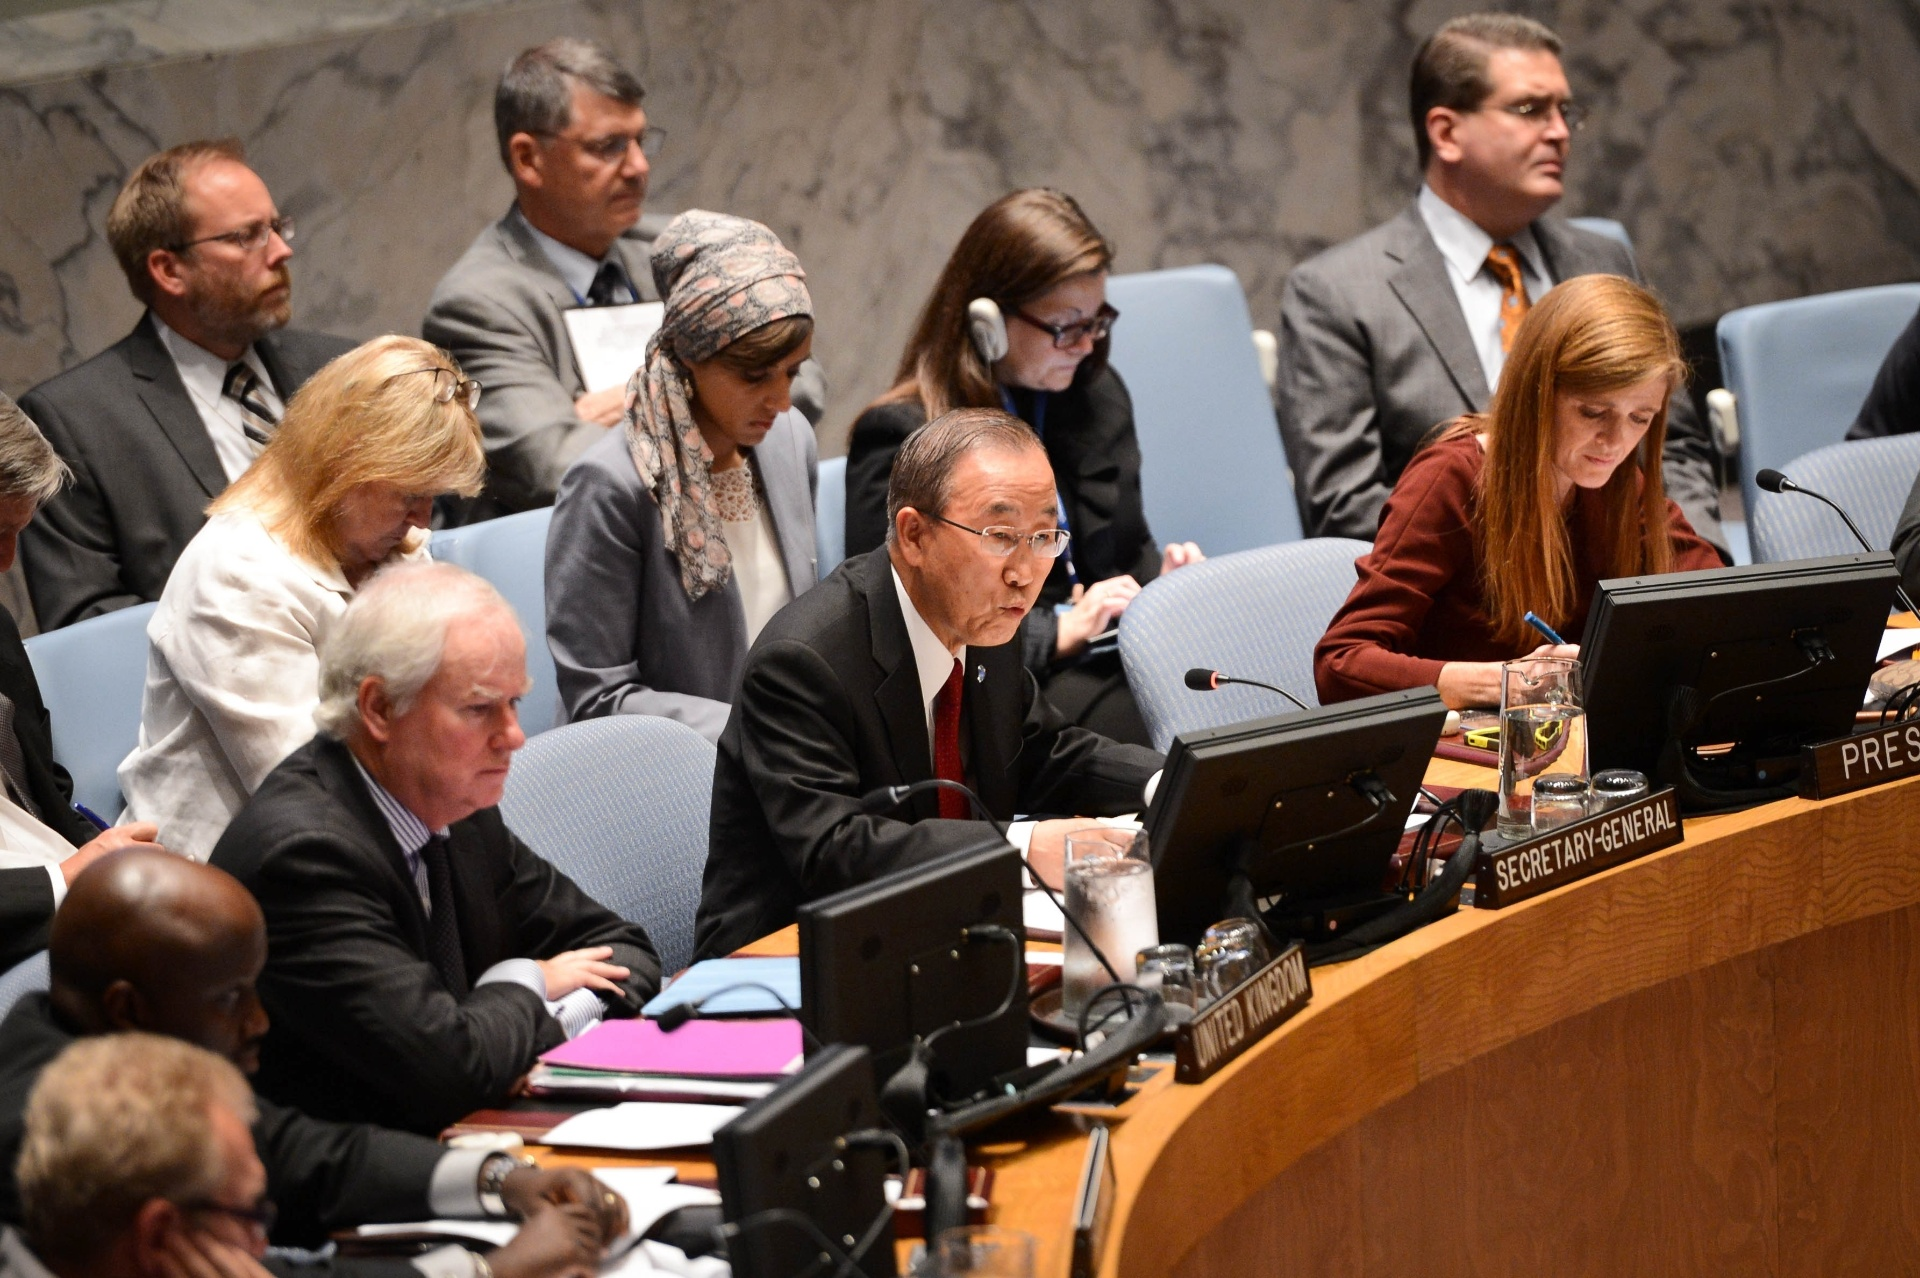 19.set.2014 - A ONU anunciou a criação de uma missão de emergência para combater o ebola, que terá como função a coordenação dos esforços internacionais na luta contra o surto da doença na África. O anúncio foi feito pelo secretário-geral da ONU, Ban Ki-moon, durante uma reunião do Conselho de Segurança das Nações Unidas. A operação será chamada de Missão das Nações Unidas para a Resposta de Emergência ao Ebola (UNMEER, na sigla em inglês) e terá cinco prioridades: conter o surto, assistir os infectados, garantir a prestação de serviços básicos, preservar a estabilidade sanitária e prevenir novos casos da doença